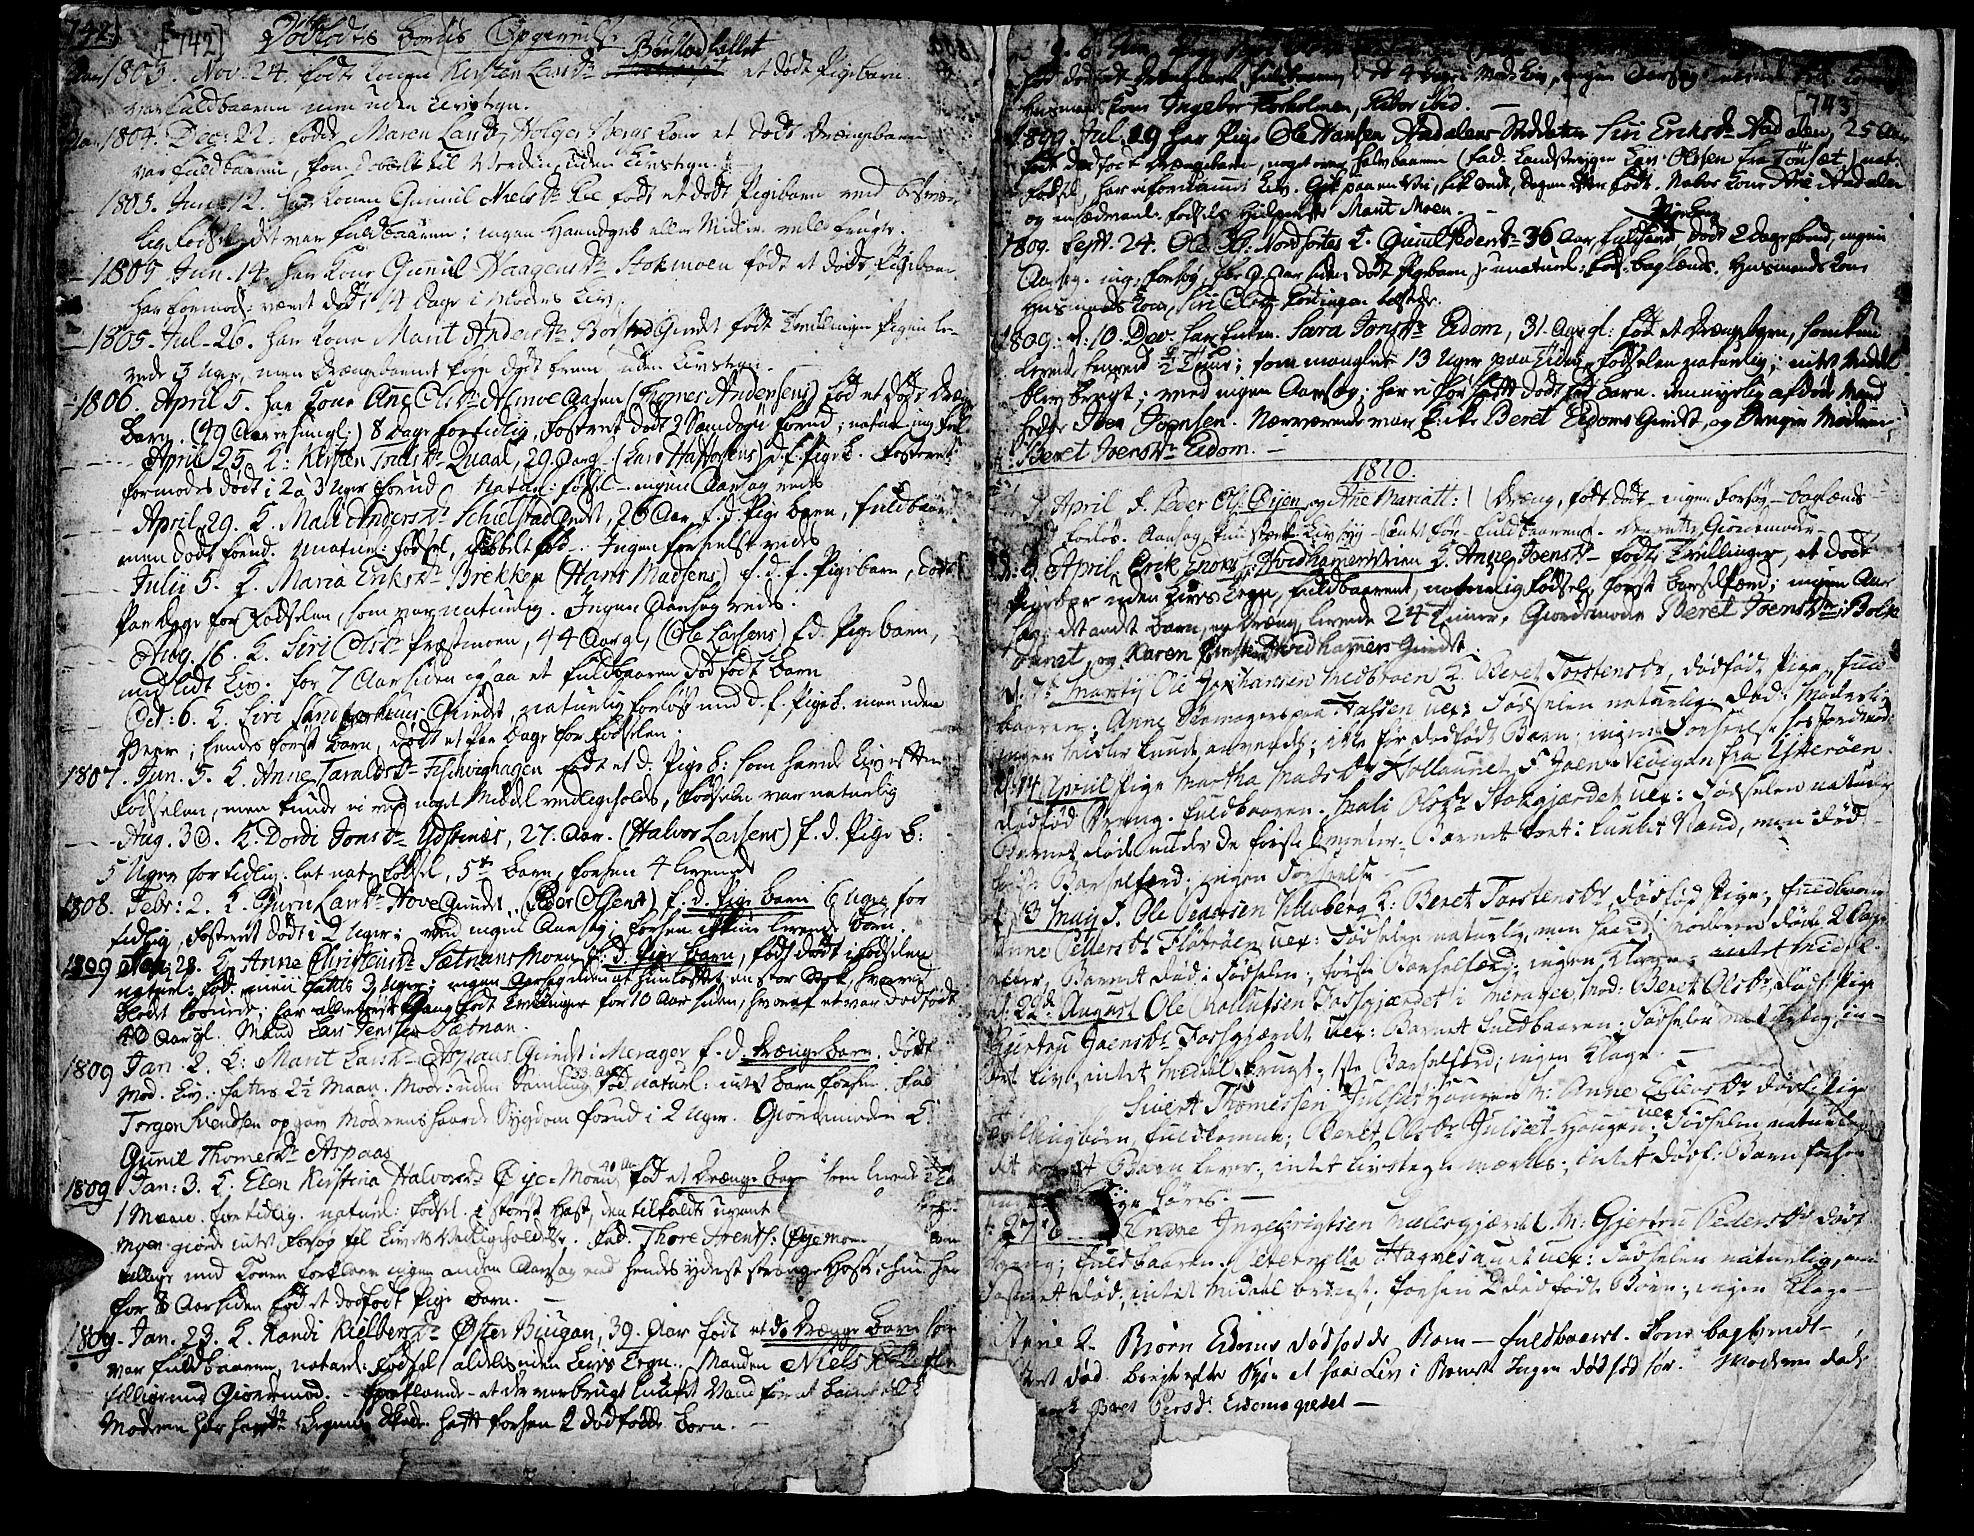 SAT, Ministerialprotokoller, klokkerbøker og fødselsregistre - Nord-Trøndelag, 709/L0060: Ministerialbok nr. 709A07, 1797-1815, s. 742-743